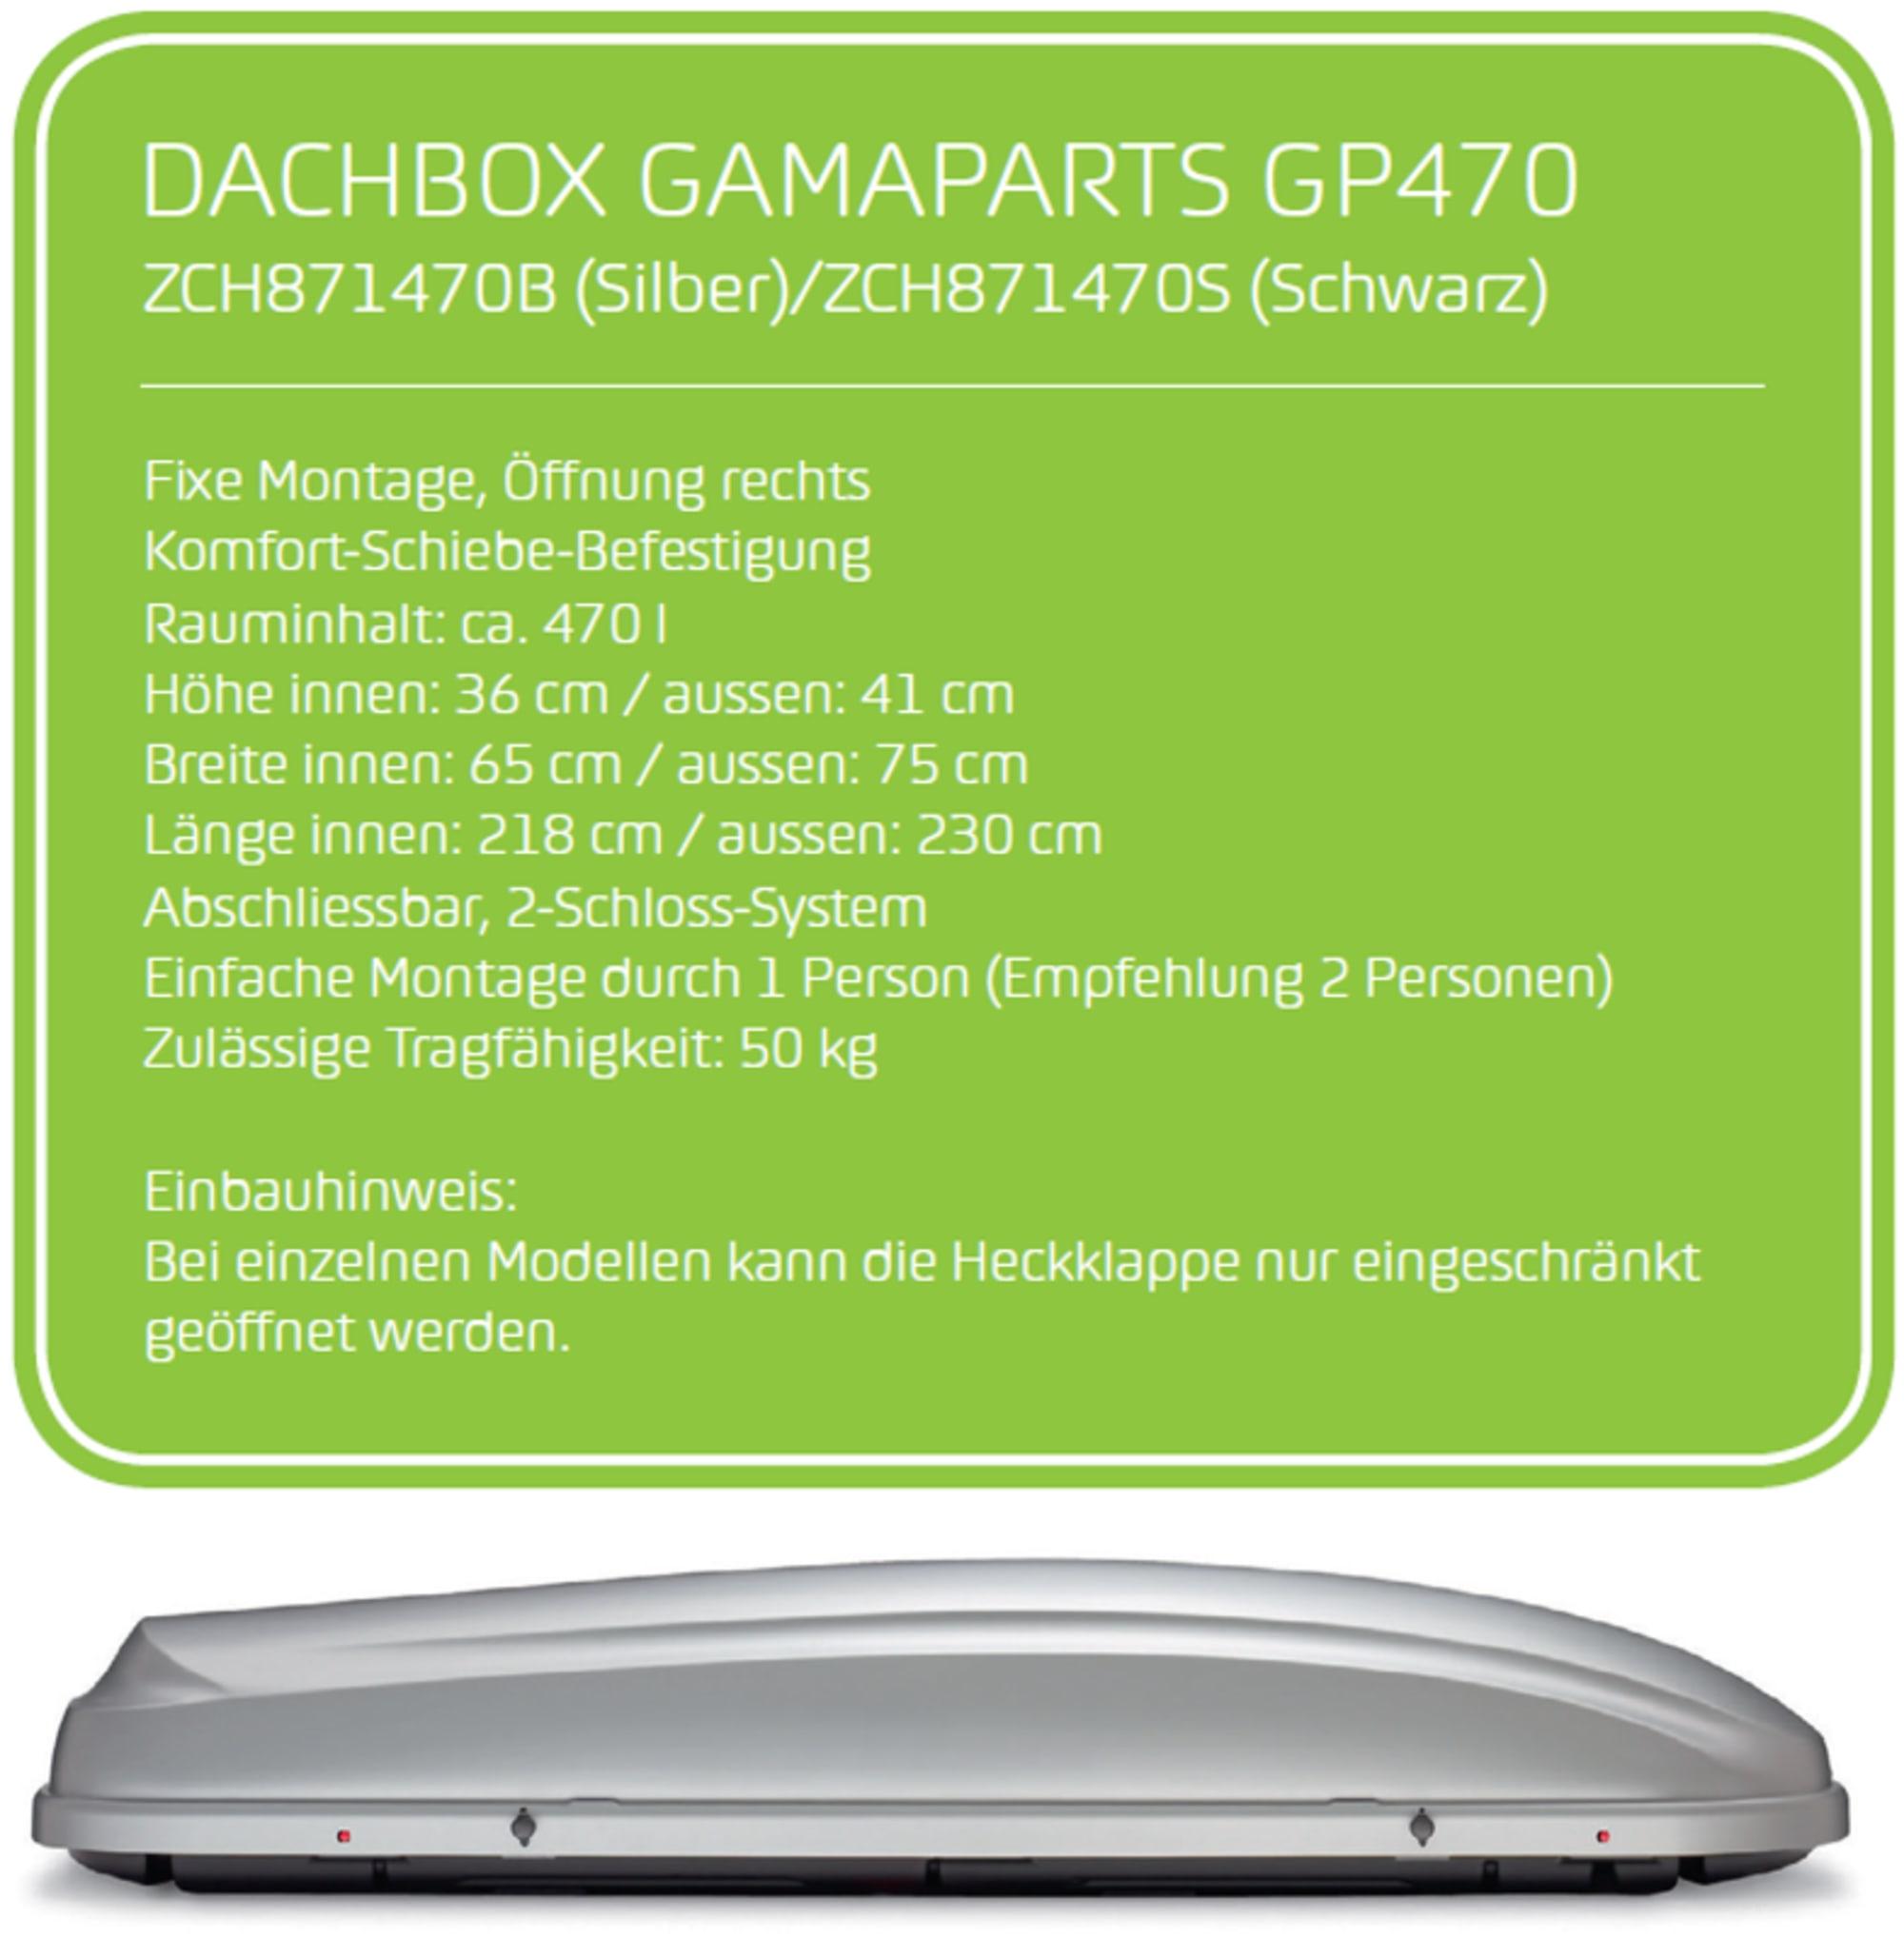 Details Dachbox